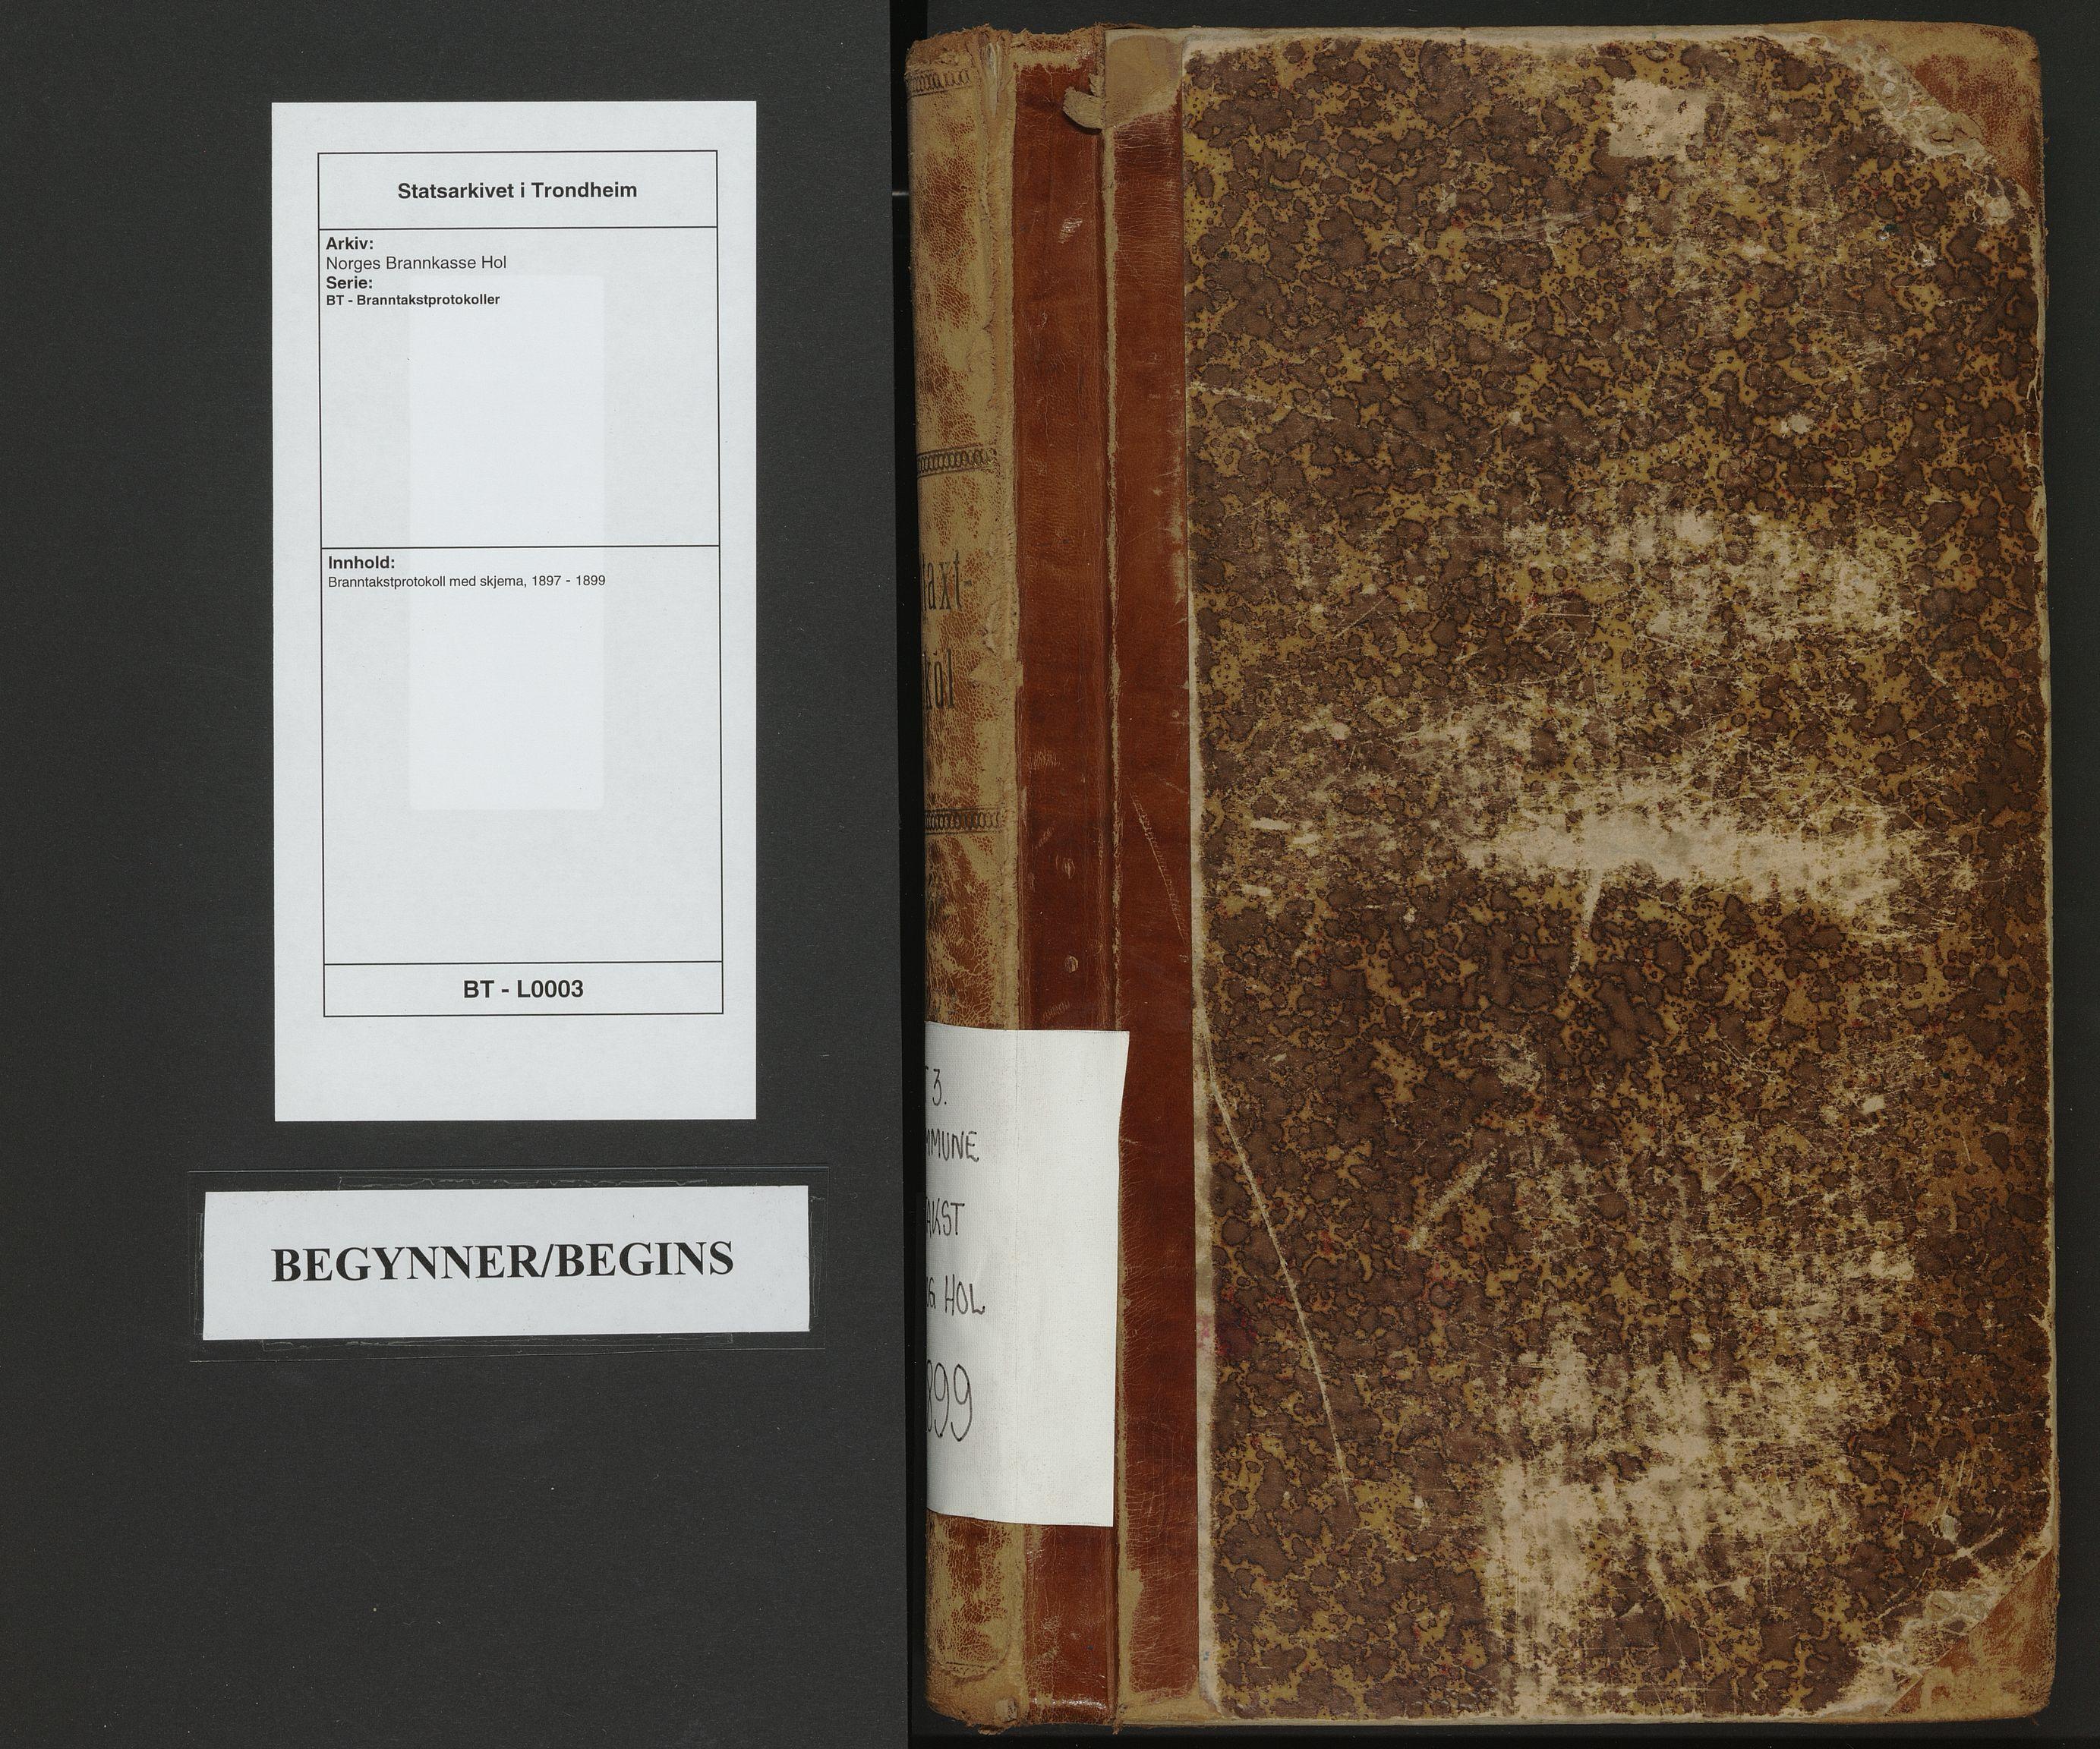 SAT, Norges Brannkasse Hol, BT/L0003: Branntakstprotokoll med skjema, 1897-1899